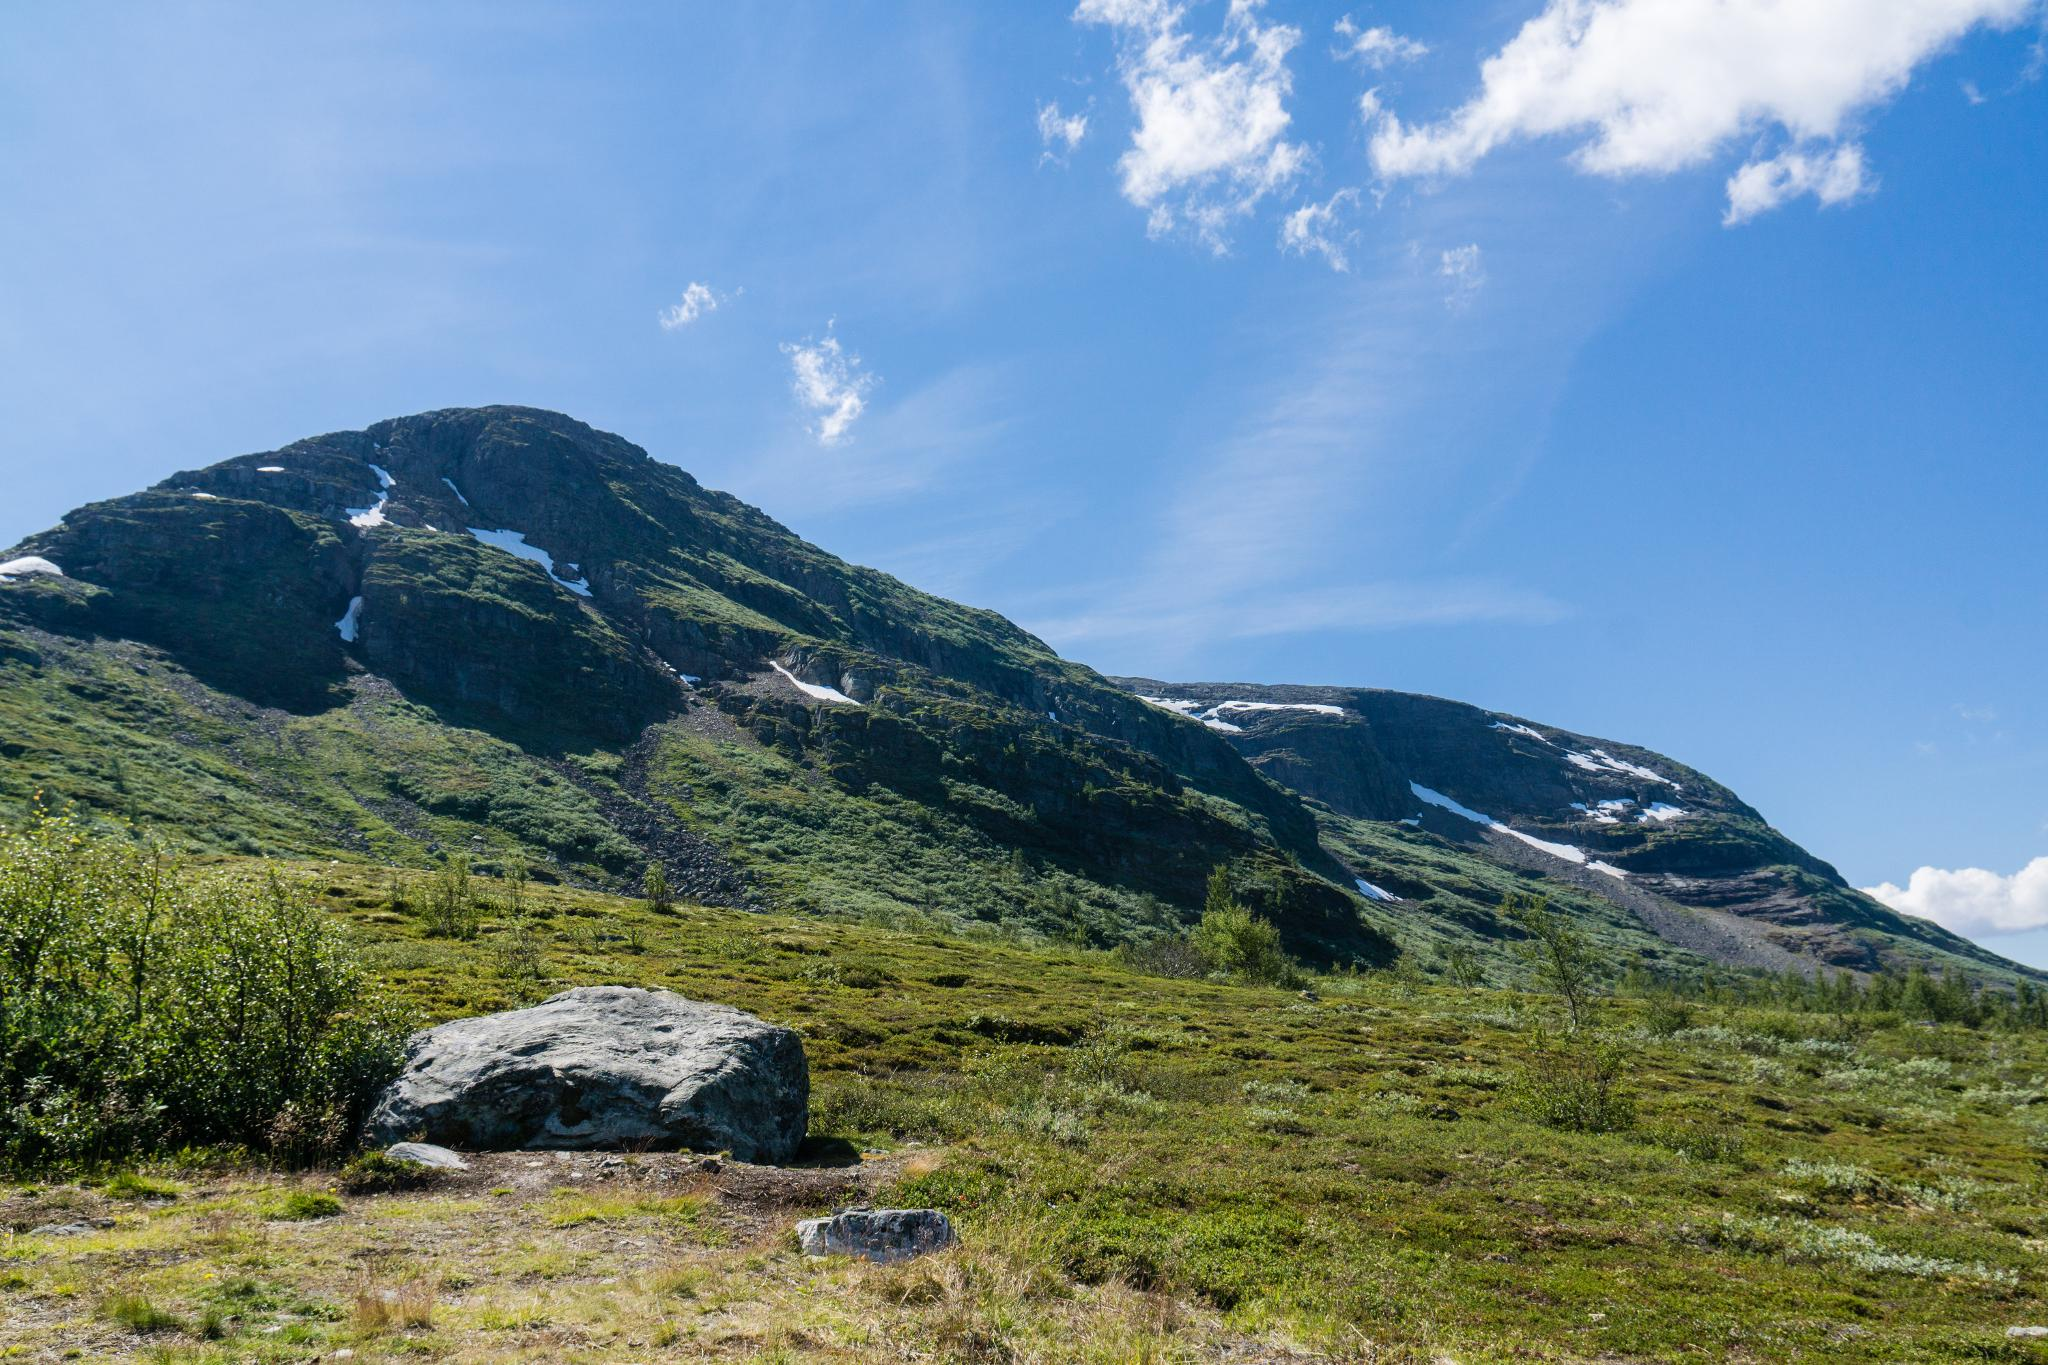 【北歐景點】世界最美景觀公路 - 俯瞰挪威松恩峽灣的 Fv243 雪之路 (Aurlandsfjellet) 13